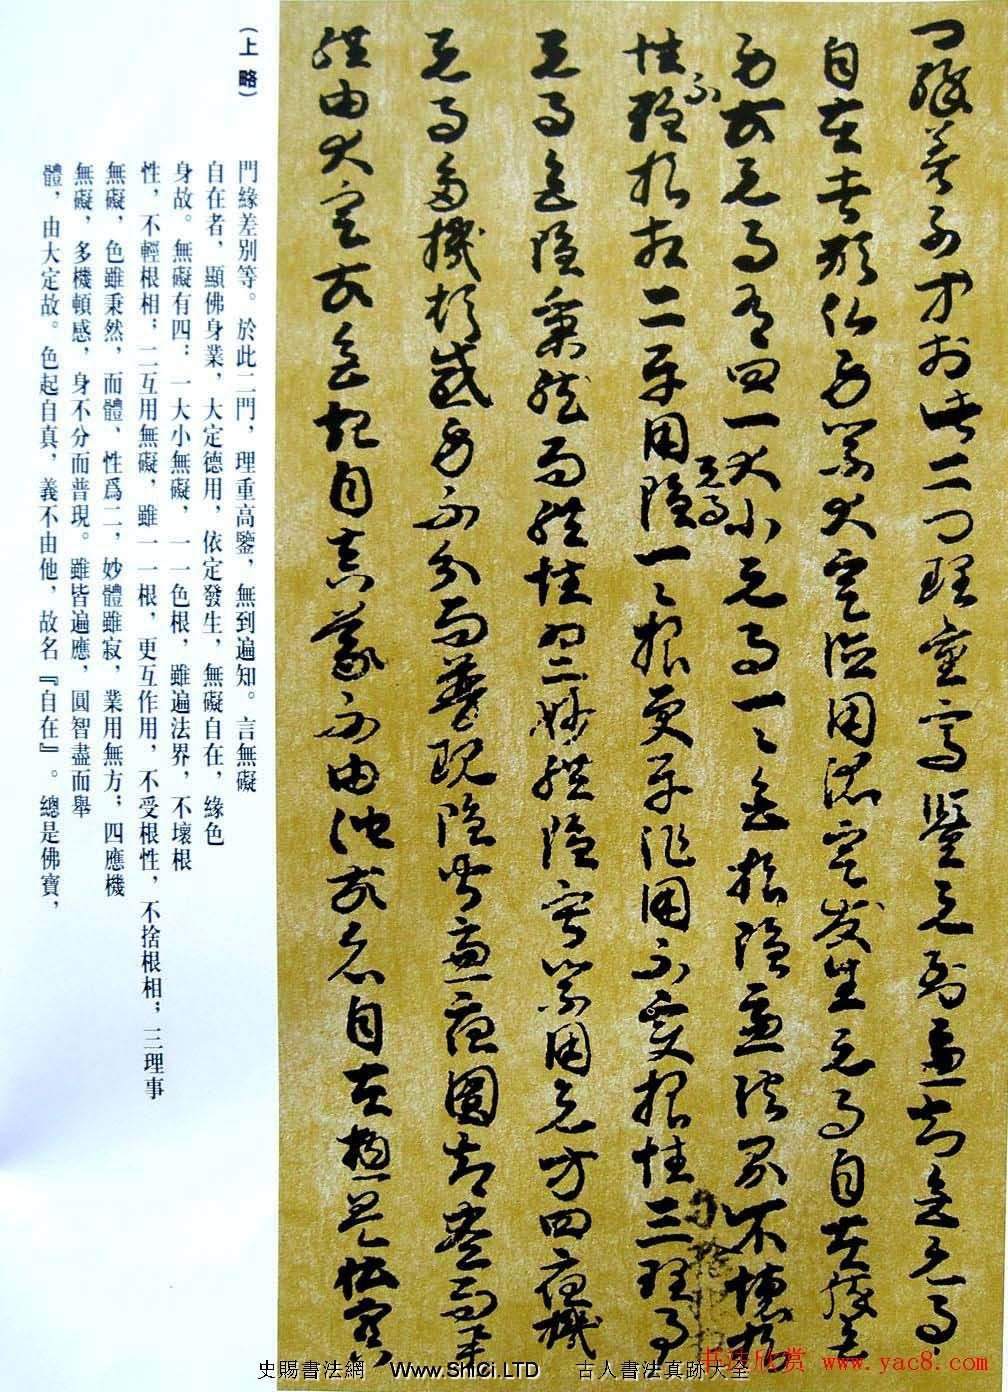 敦煌寫經章草大乘起信論略述殘卷(共2張圖片)